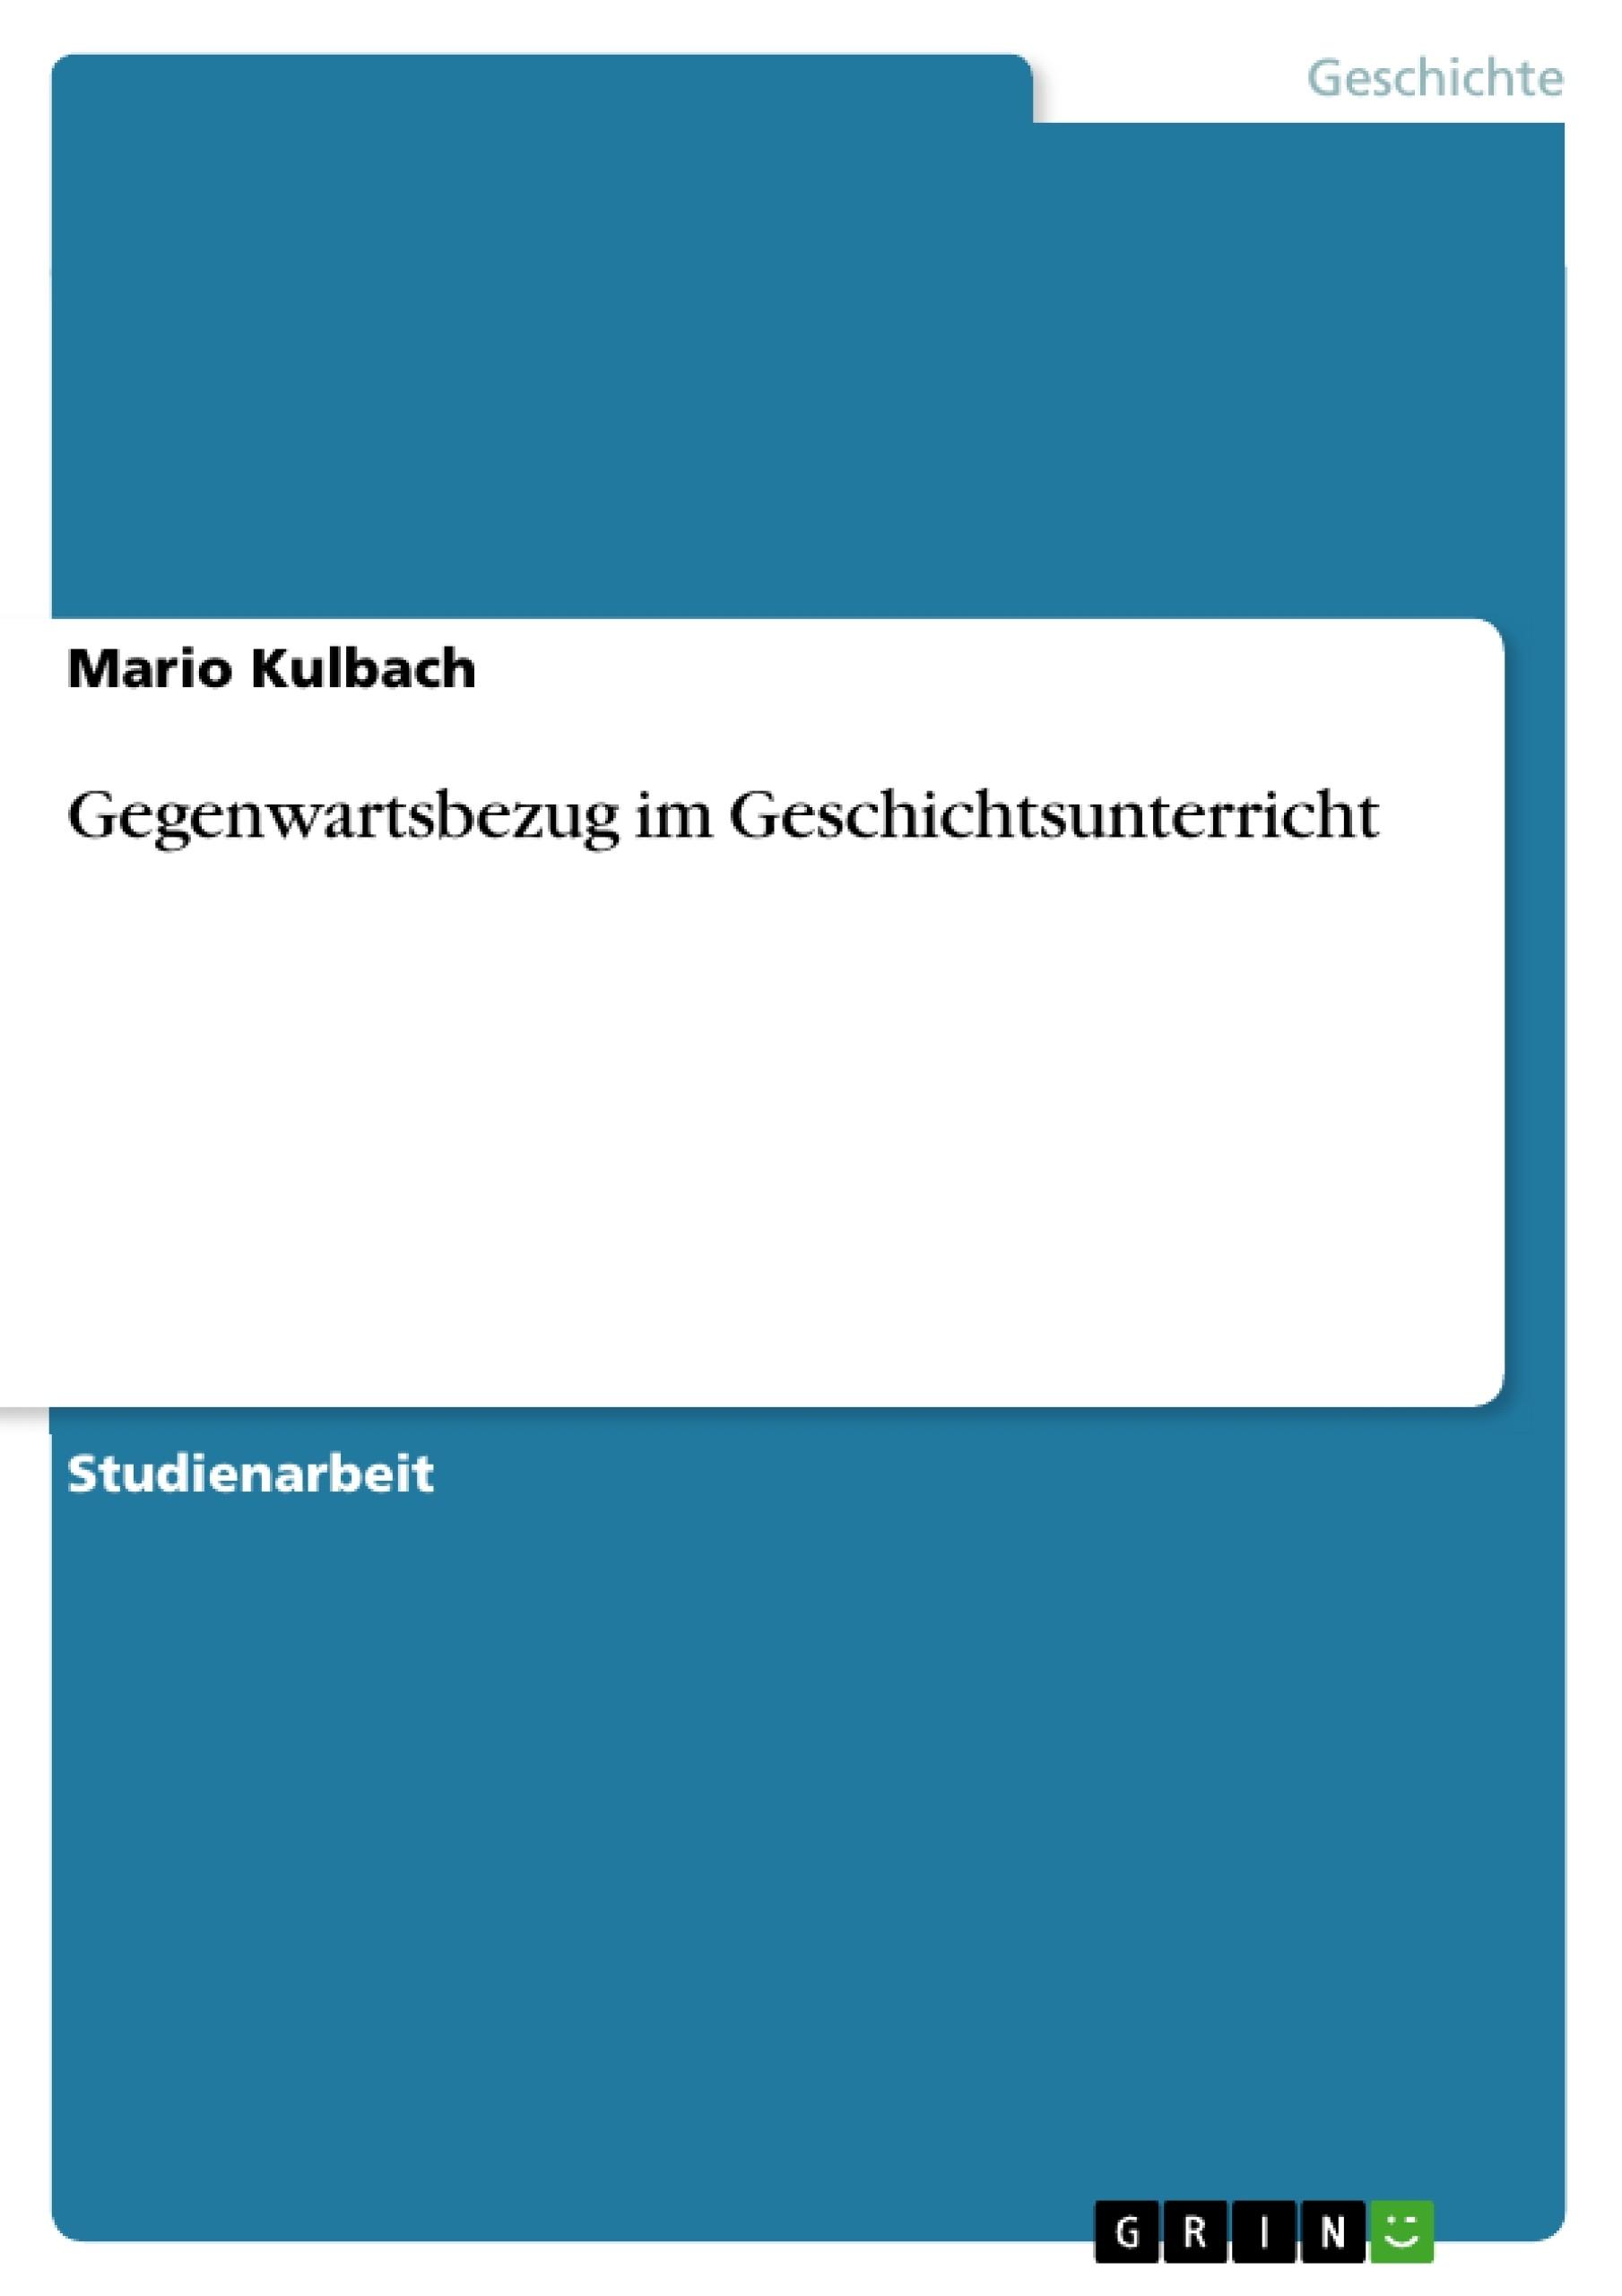 Titel: Gegenwartsbezug im Geschichtsunterricht